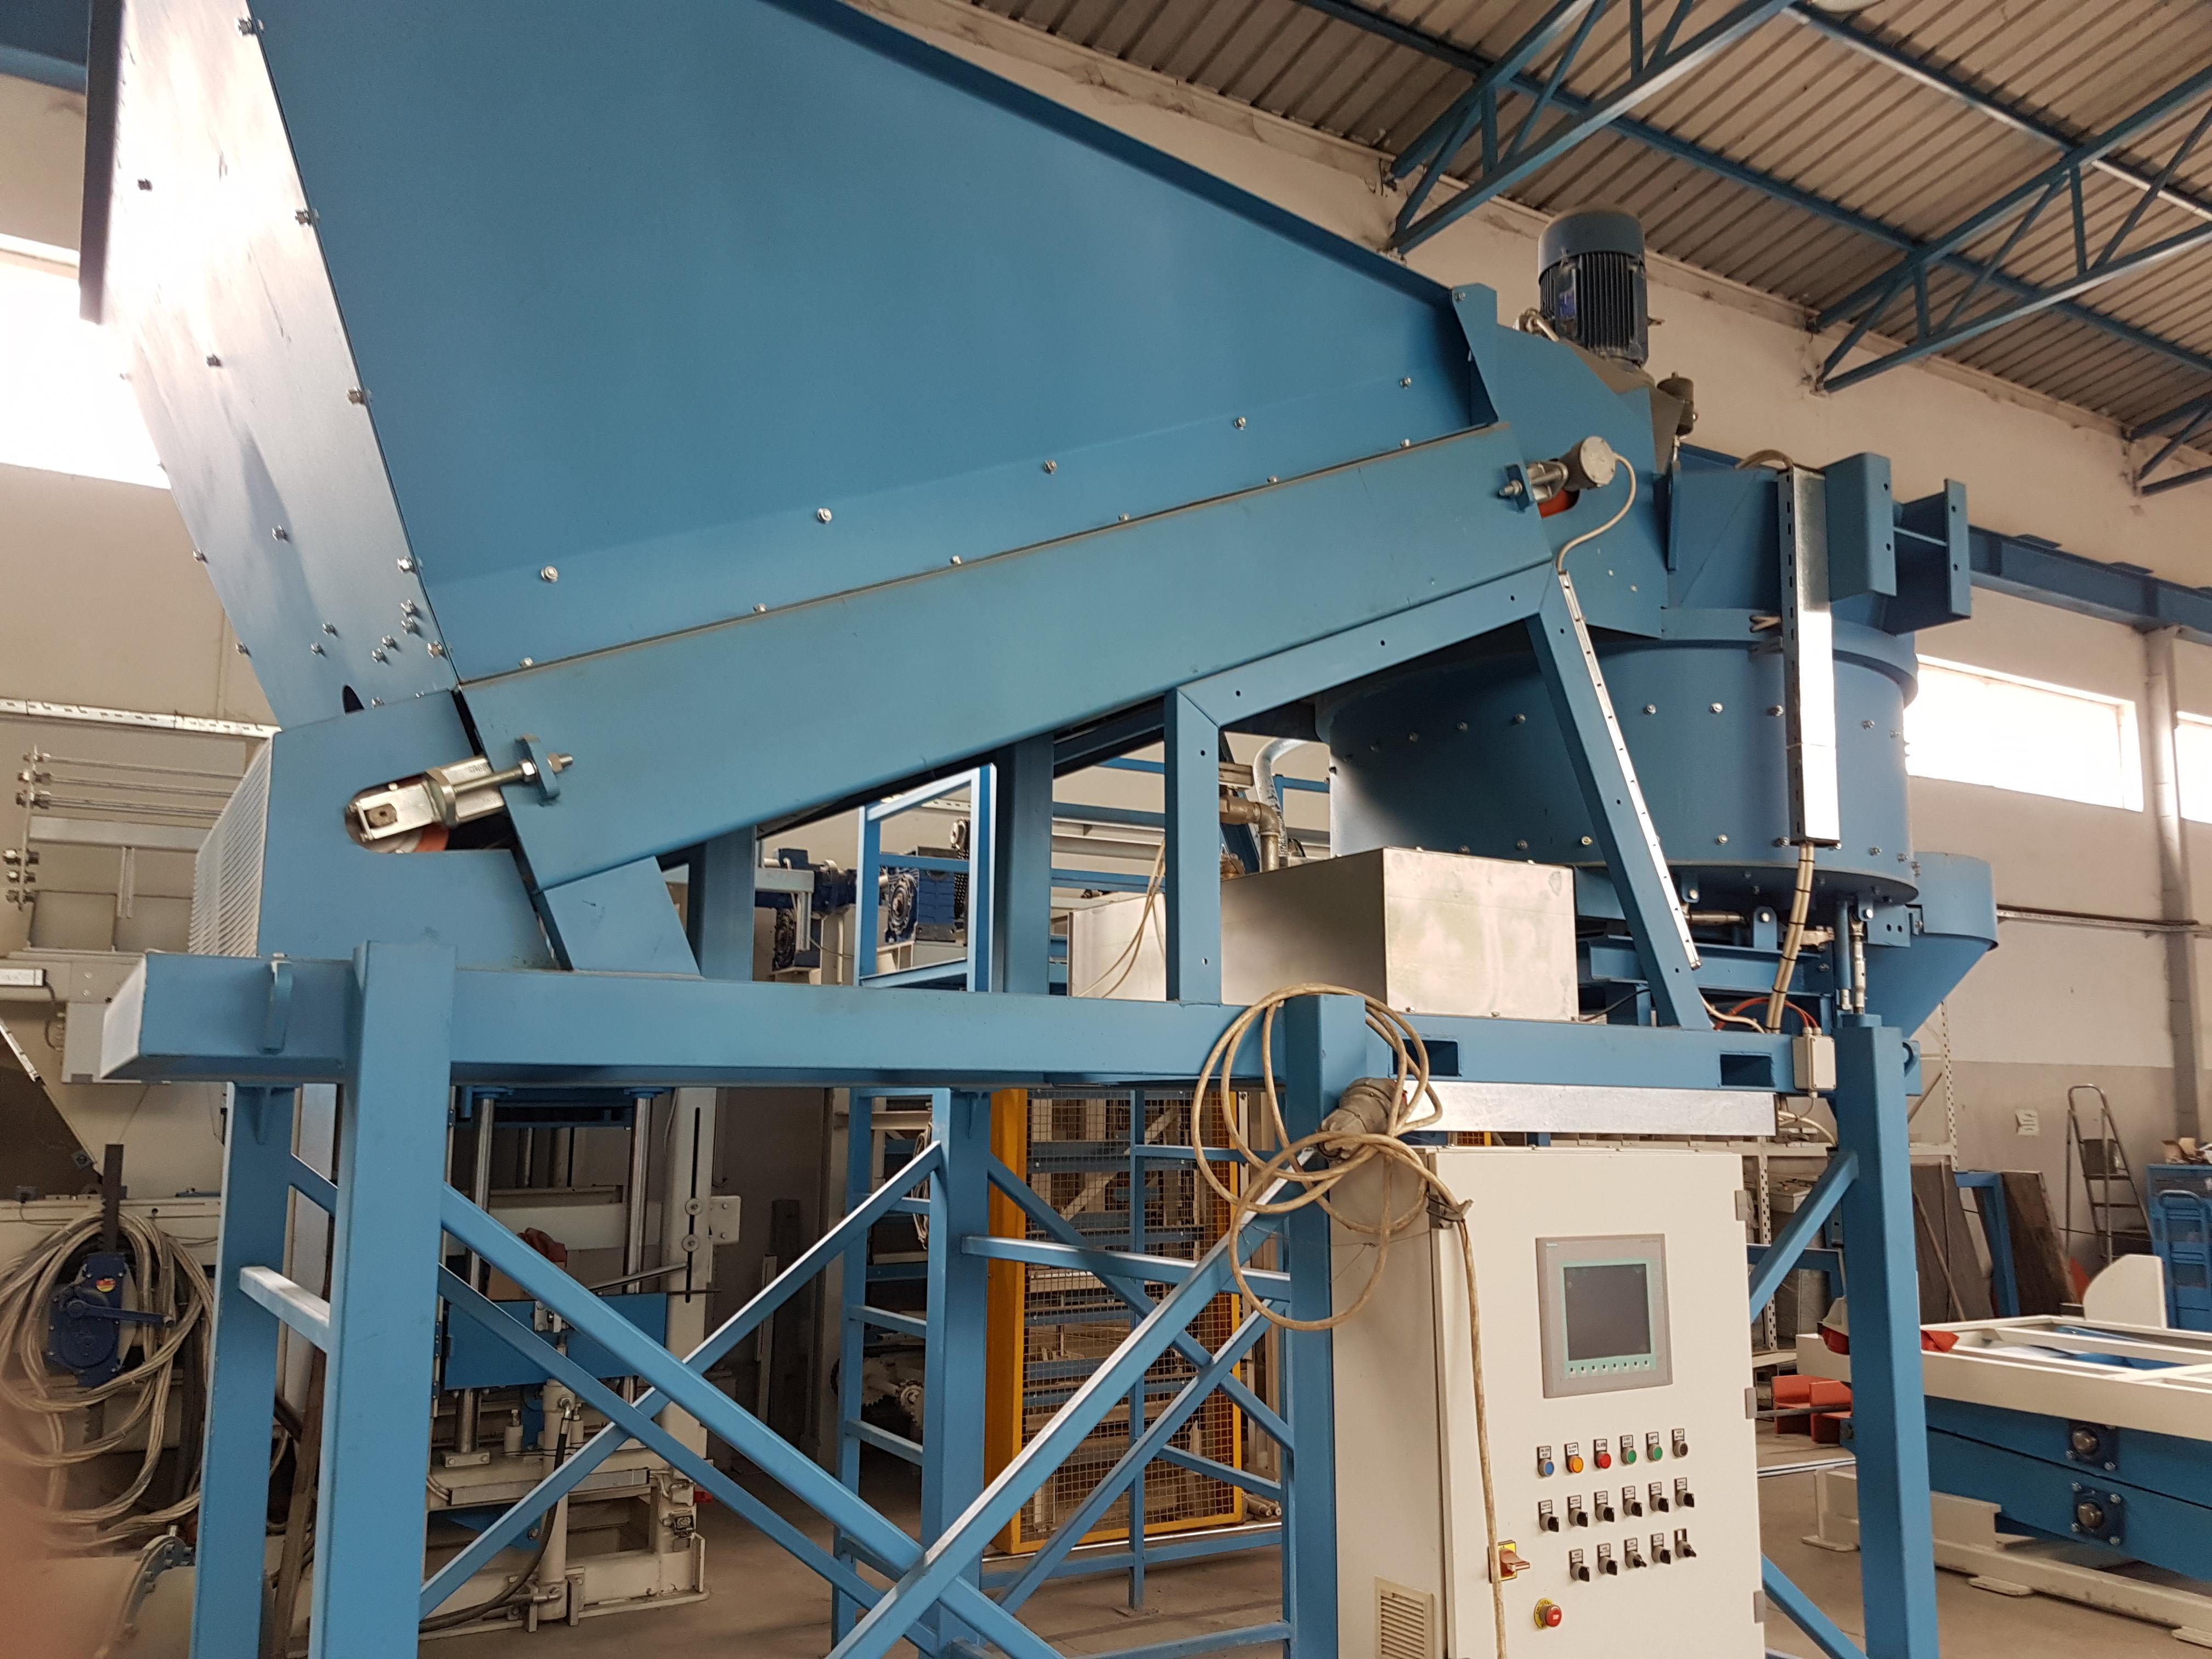 Mini Cement Plant : Special project mini concrete plant designed on long legs